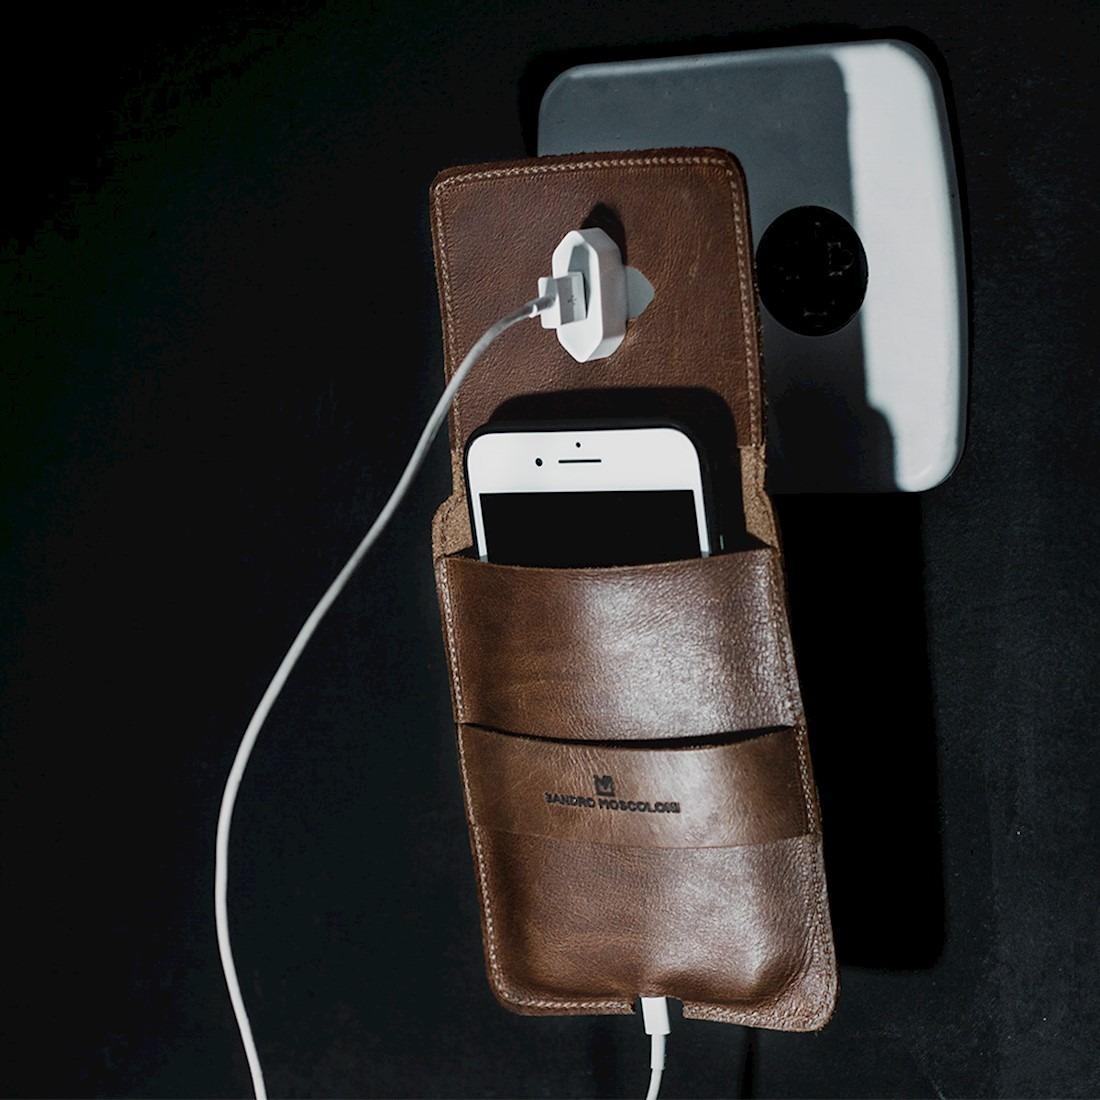 6430c4a151 porta carregador de celular sandro moscoloni itaim marrom. Carregando zoom.